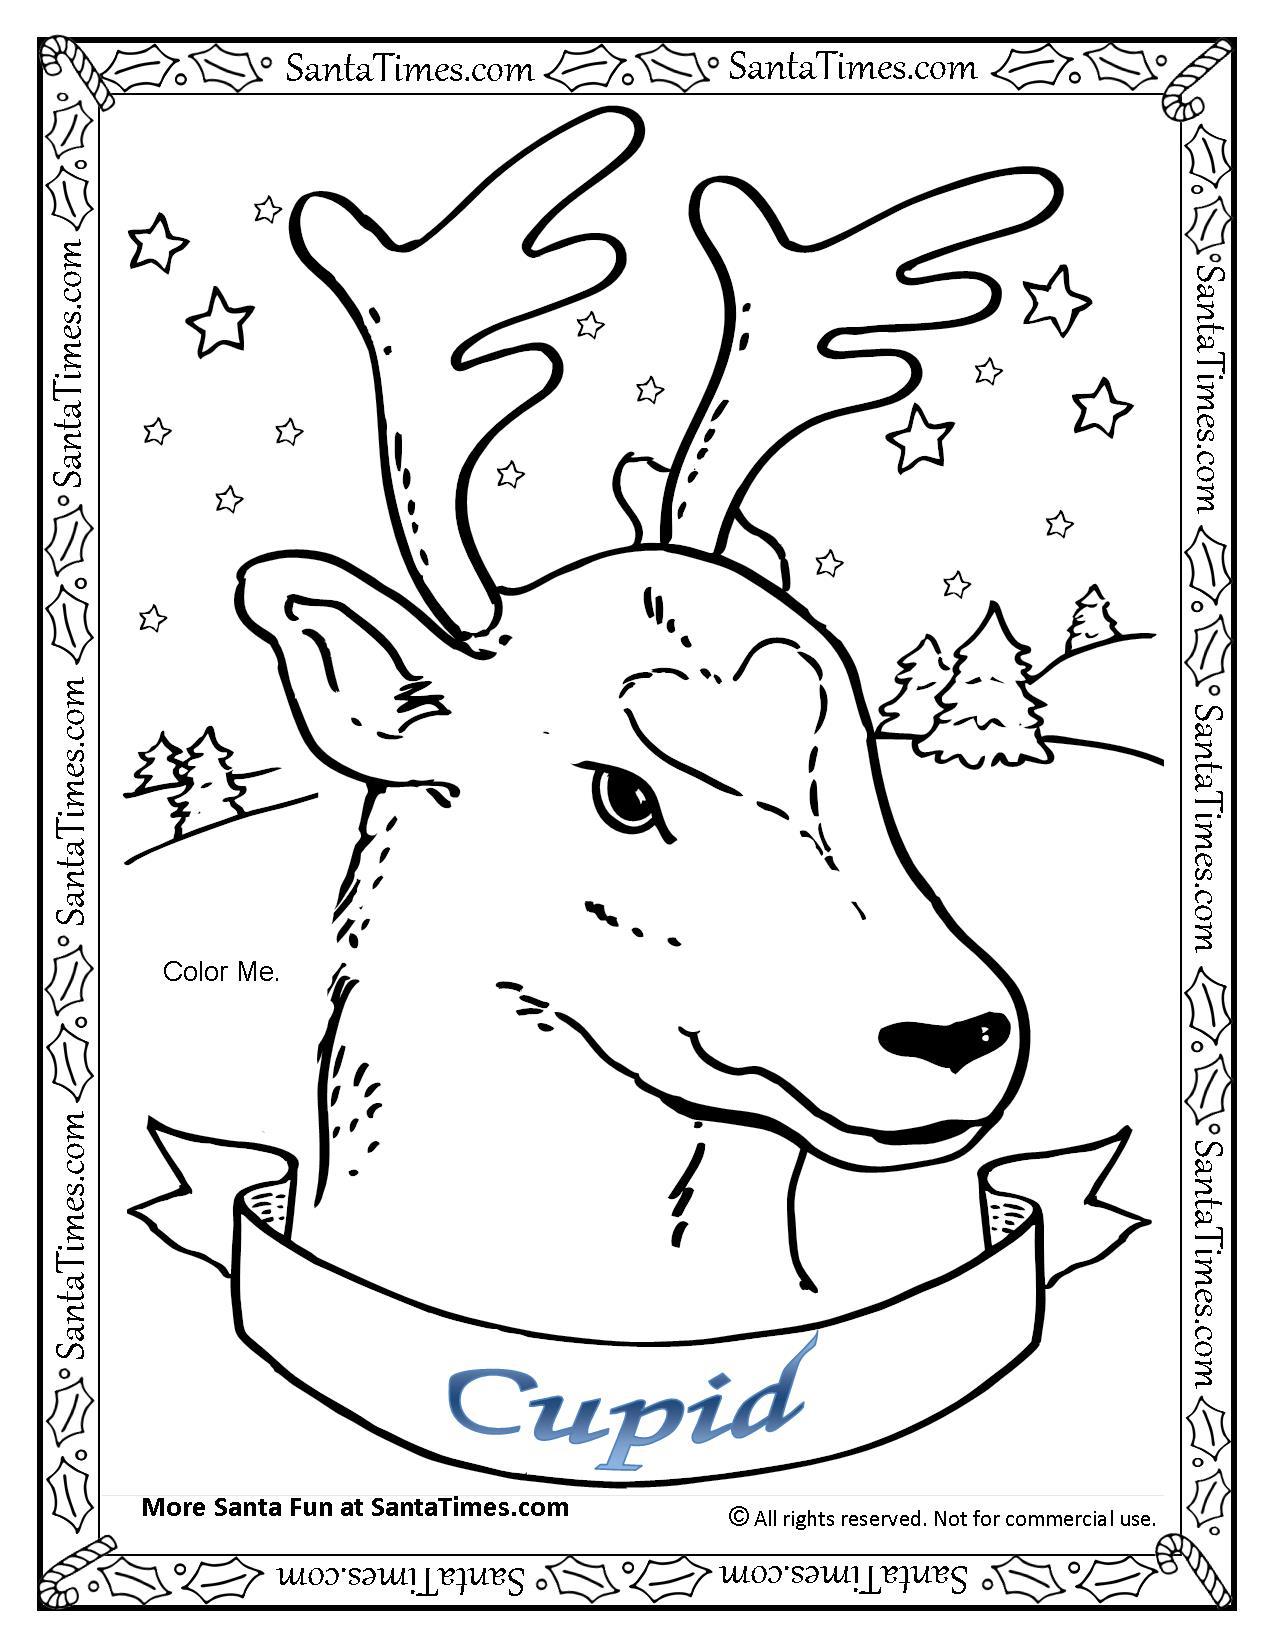 Cupid the Reindeer